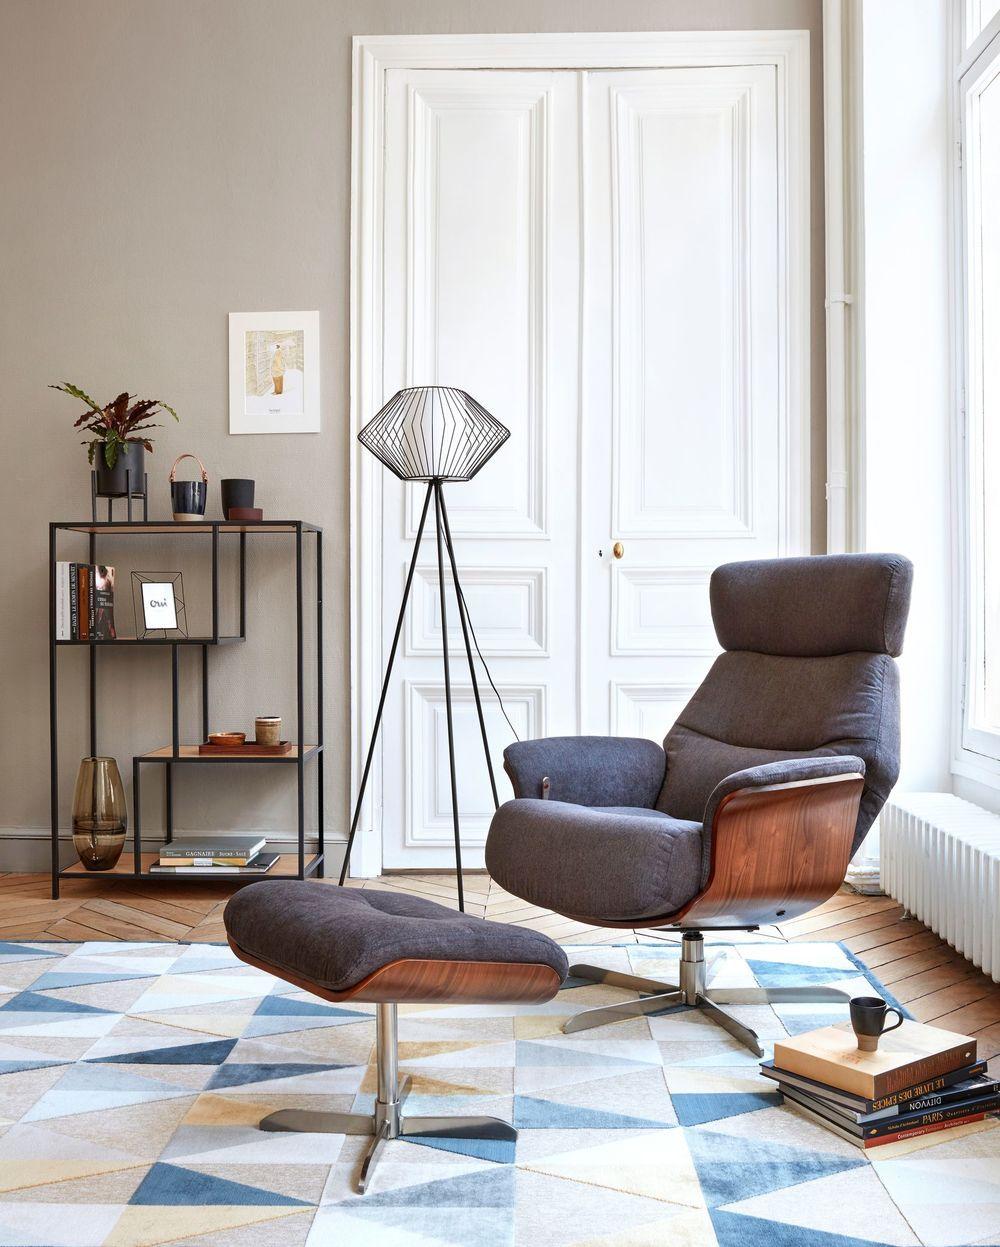 Tendance Couleur Deco 2019 tendances couleurs 2019 | décoration maison, relooking